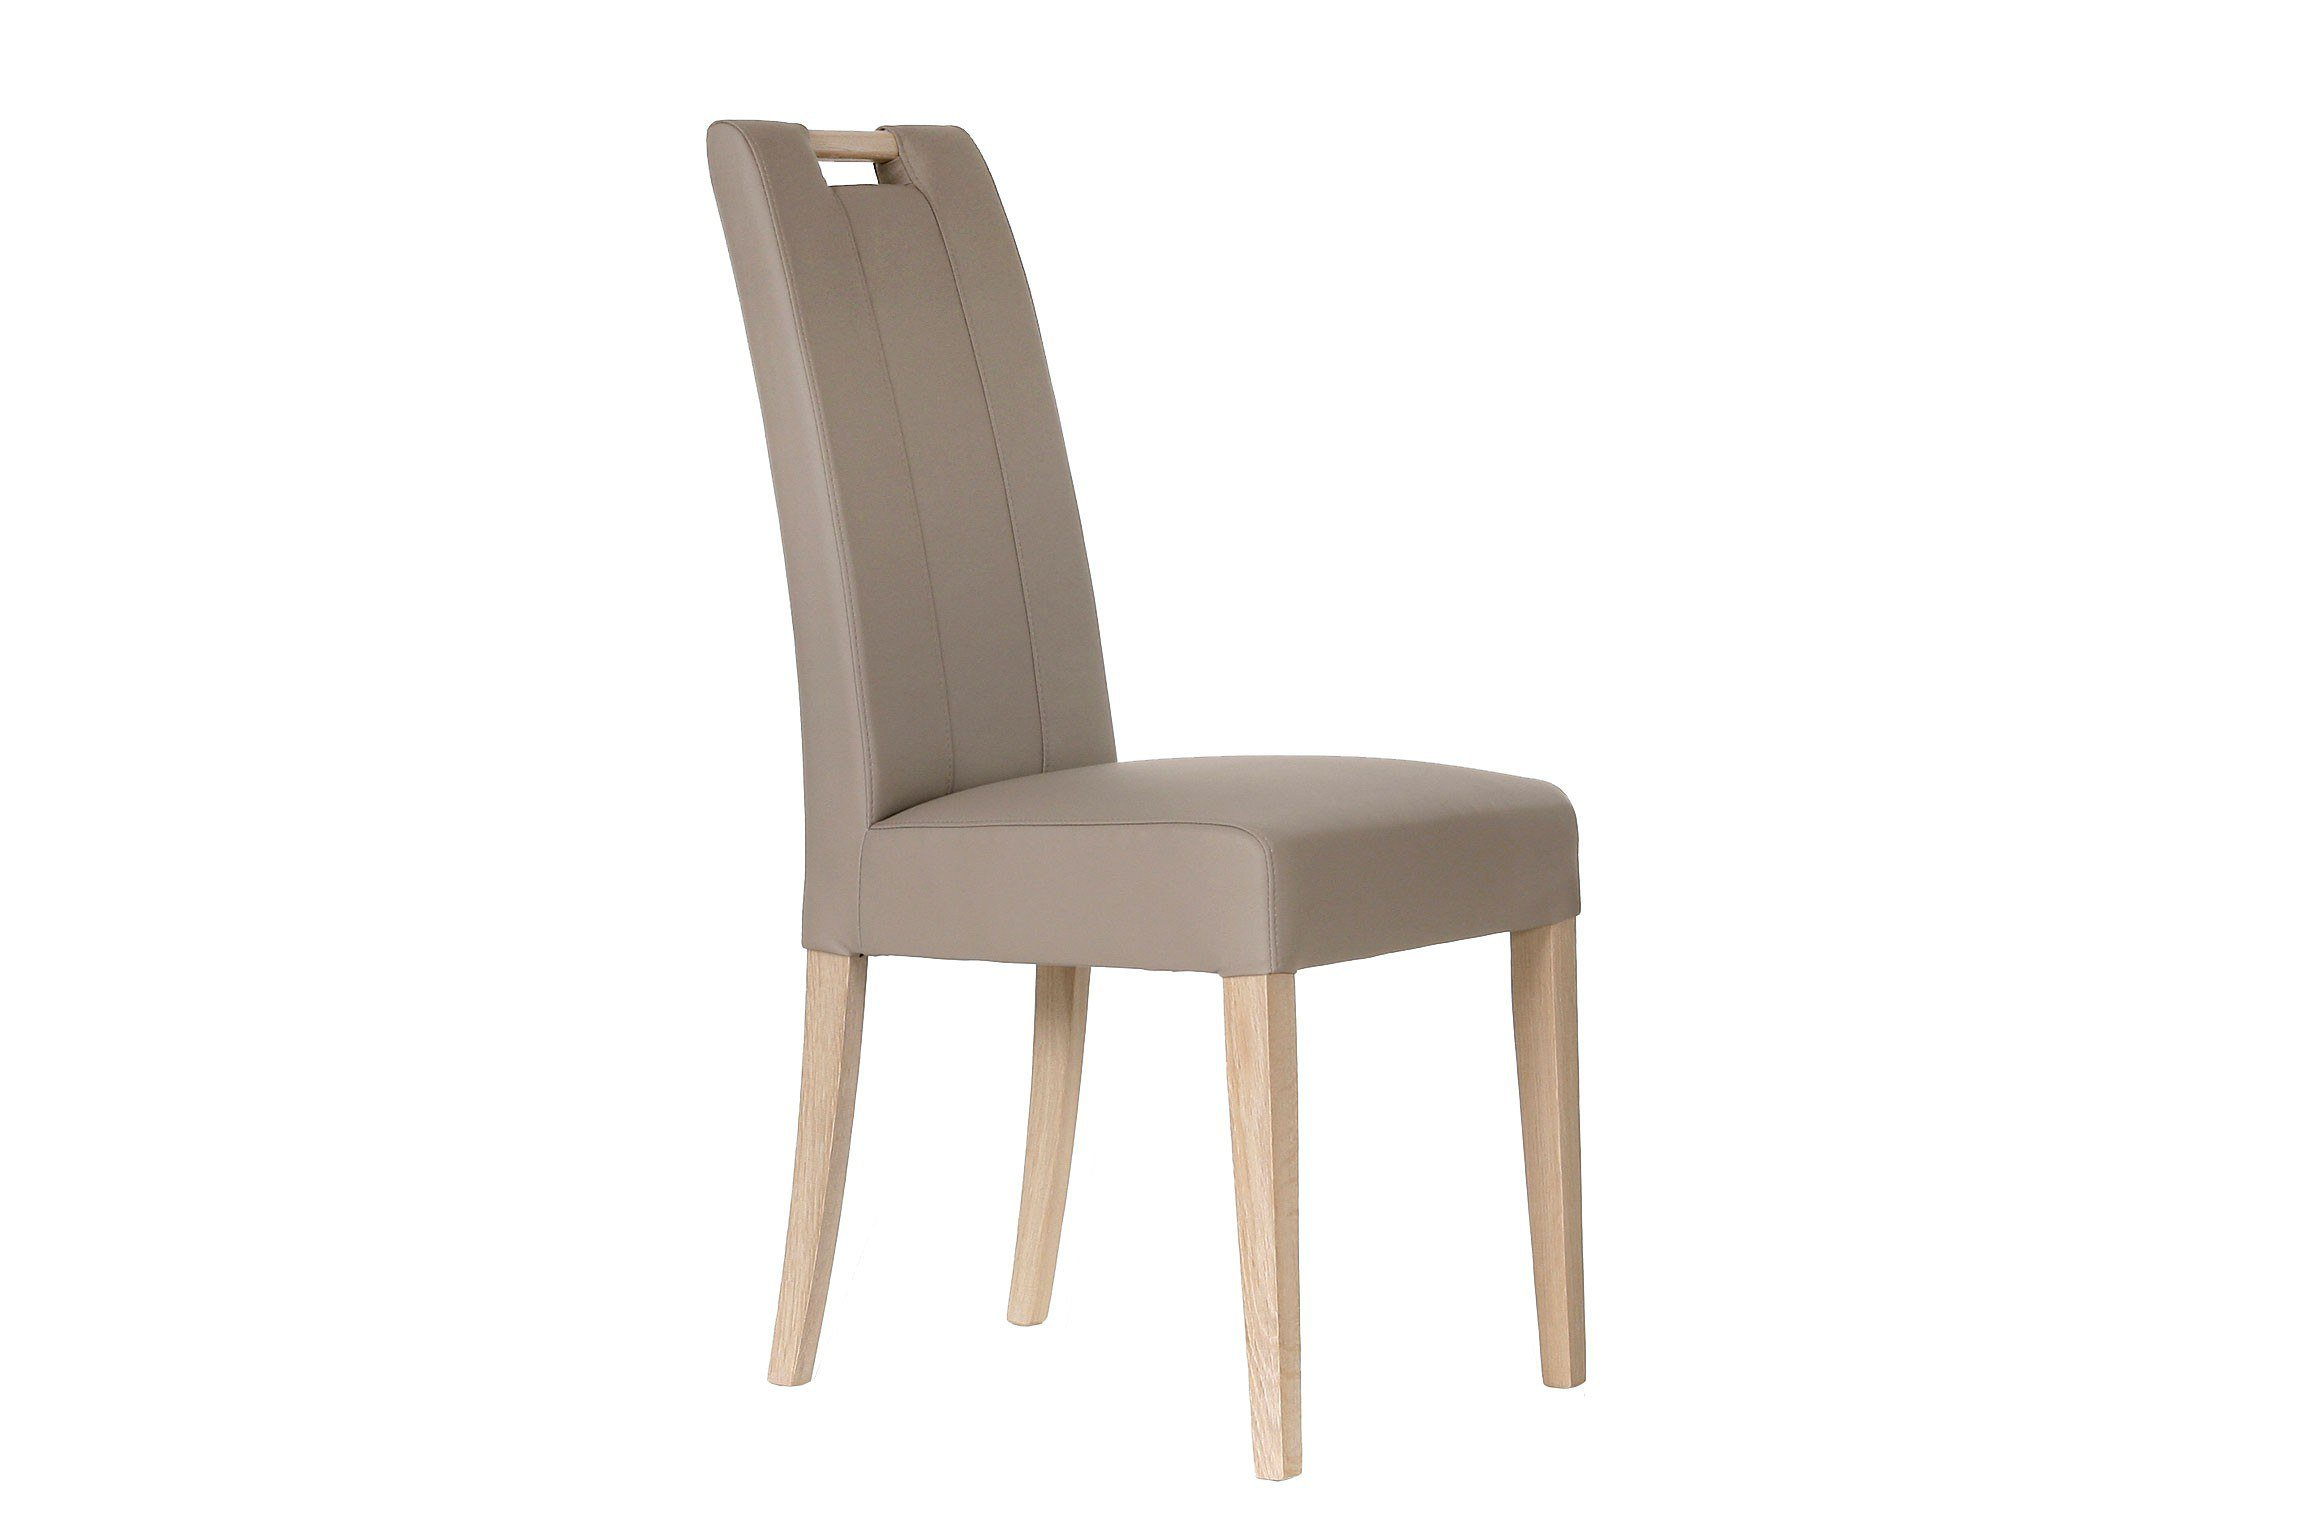 standard furniture stuhl samiro schlamm eiche sonoma m bel letz ihr online shop. Black Bedroom Furniture Sets. Home Design Ideas